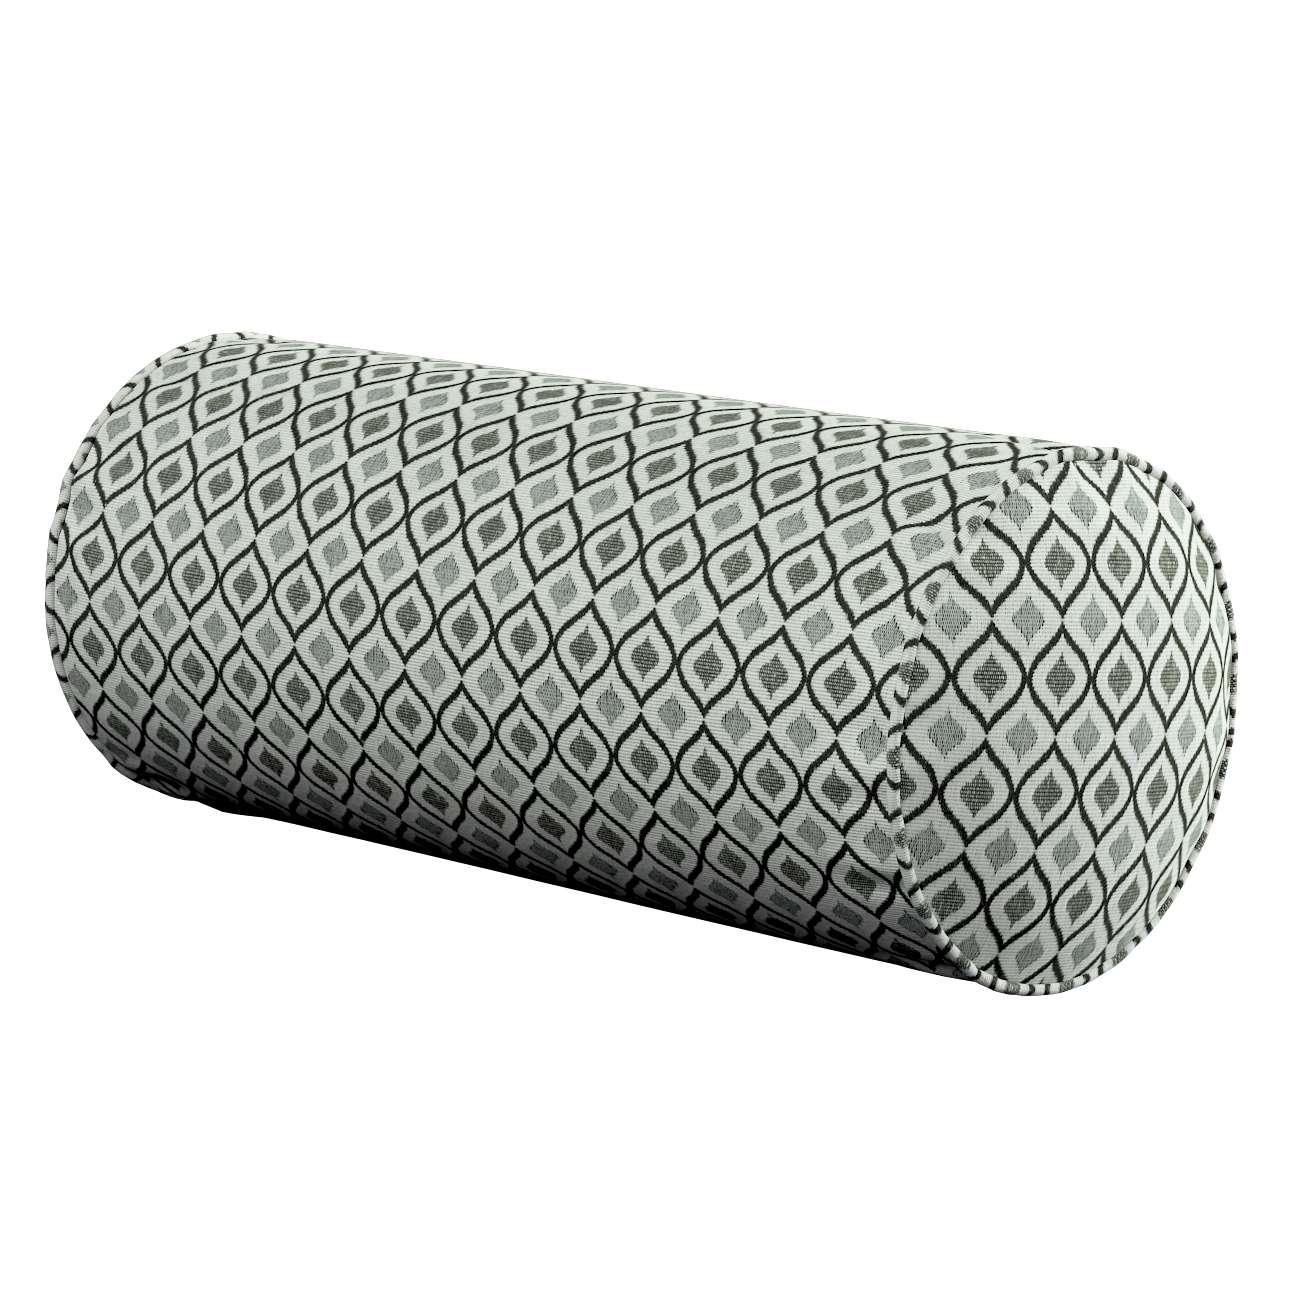 Einfache Nackenrolle, schwarz-weiß, Ø 16 × 40 cm, Black & White | Schlafzimmer > Kopfkissen > Nackenstützkissen & Nackenrollen | Dekoria